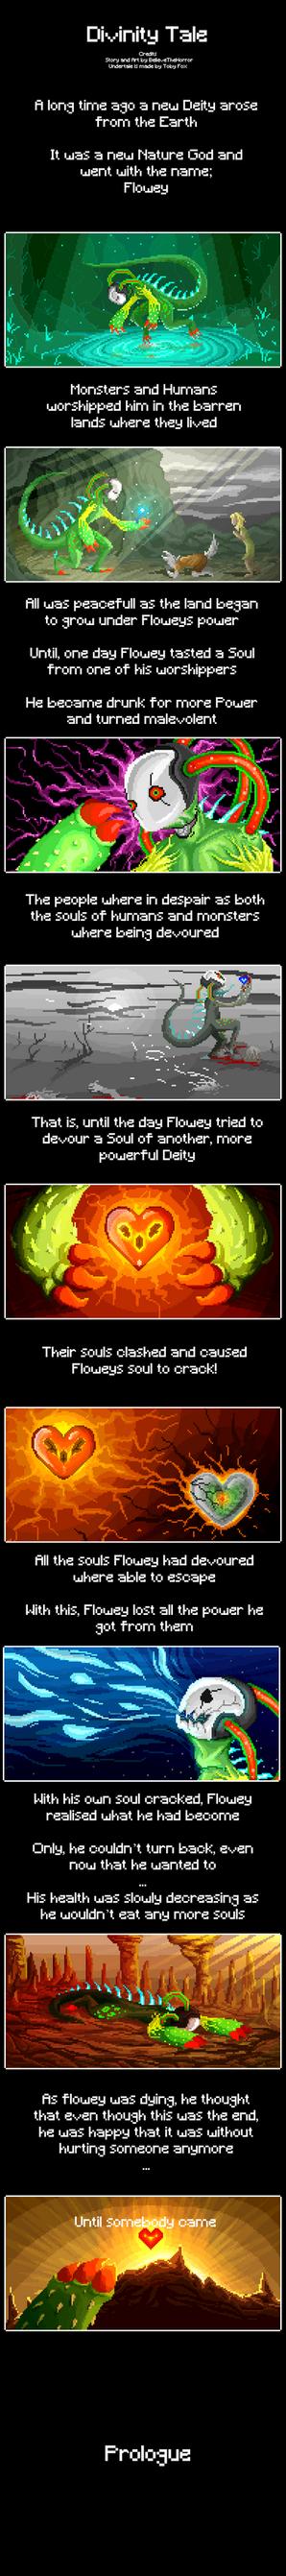 Divinity Tale - Prologue by BelieveTheHorror